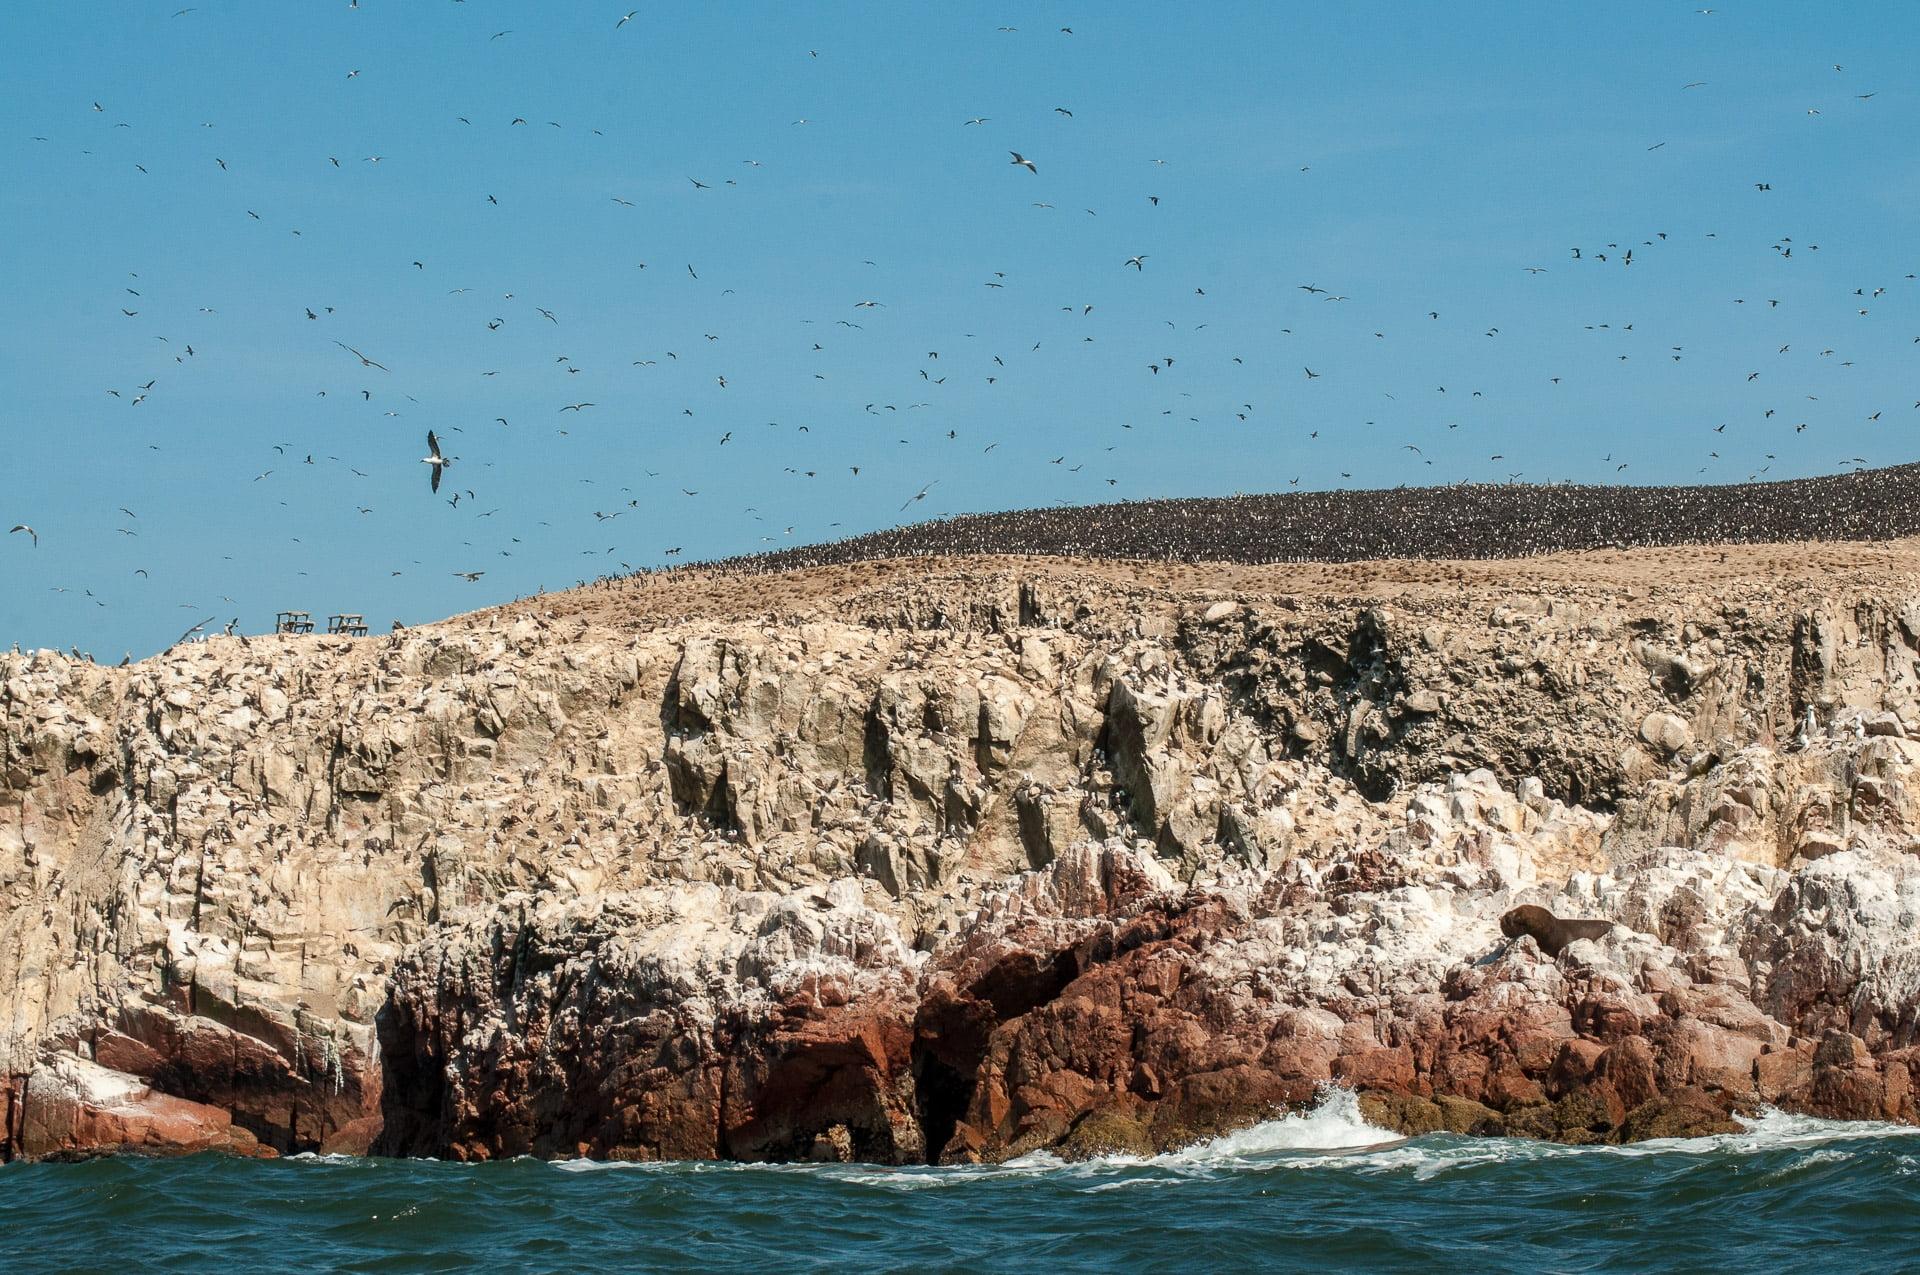 paracas colonie oiseaux rocher - Les globe blogueurs - blog voyage nature